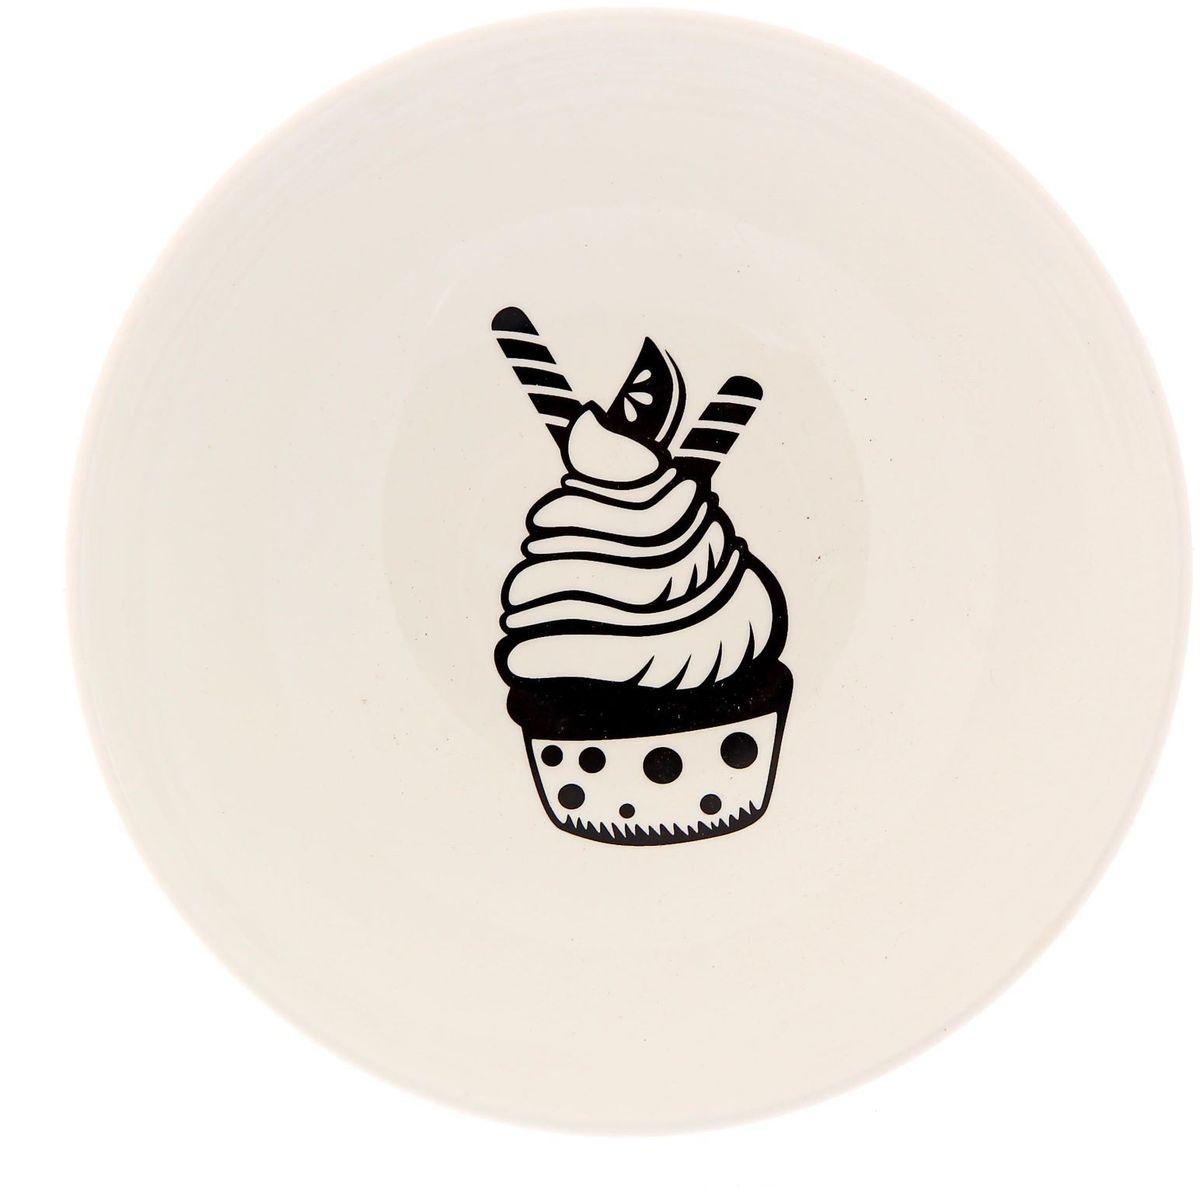 Салатник Сотвори чудо Маффин, диаметр 16,5 см54 009312Хотите обновить интерьер кухни или гостиной? Устраиваете необычную фотосессию или тематический праздник? А может, просто ищете подарок для близкого человека?Посуда « Сотвори Чудо» — правильный выбор в любой ситуации. Её достоинства:изящный фаянс нежного сливочного цвета;стойкость краски;пригодность для посудомоечных машин.